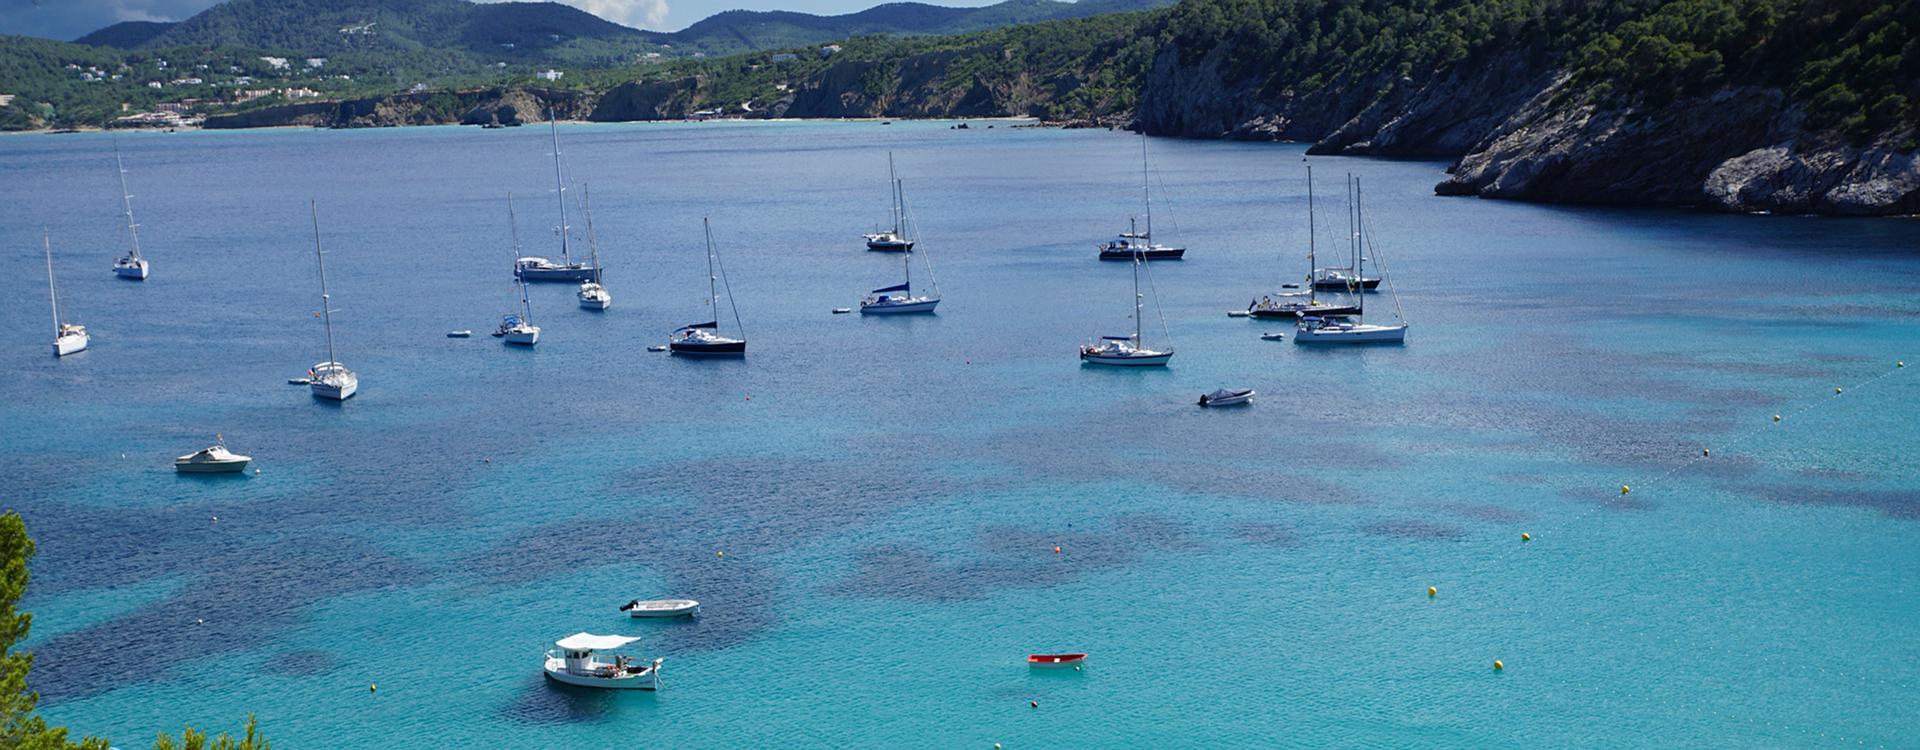 Zeilvakantie Balearen: Ibiza boten